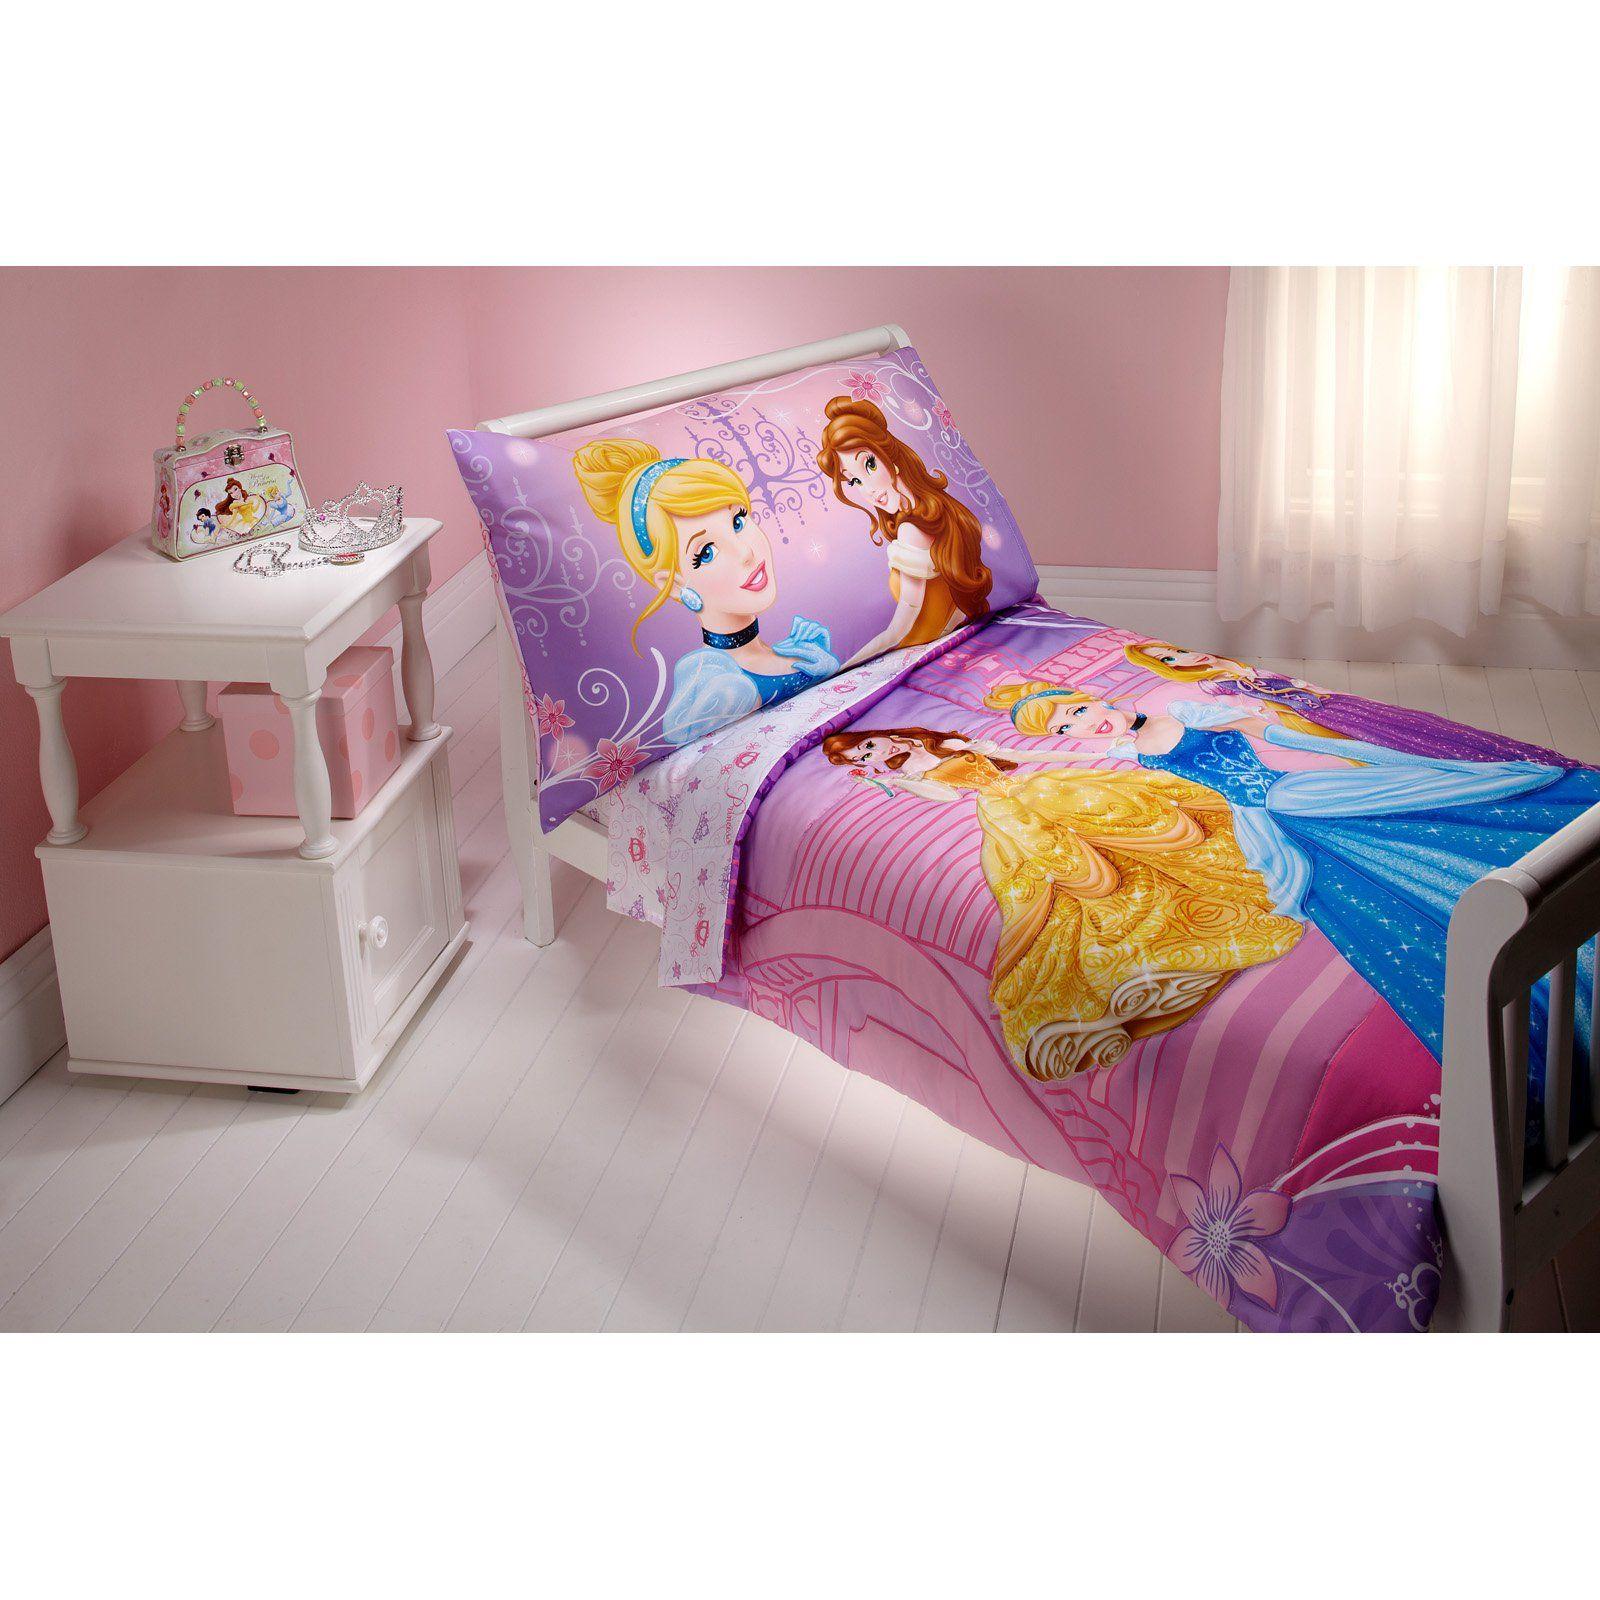 Disney Princess Dress To Shine 4 Piece Toddler Bedding Set In 2020